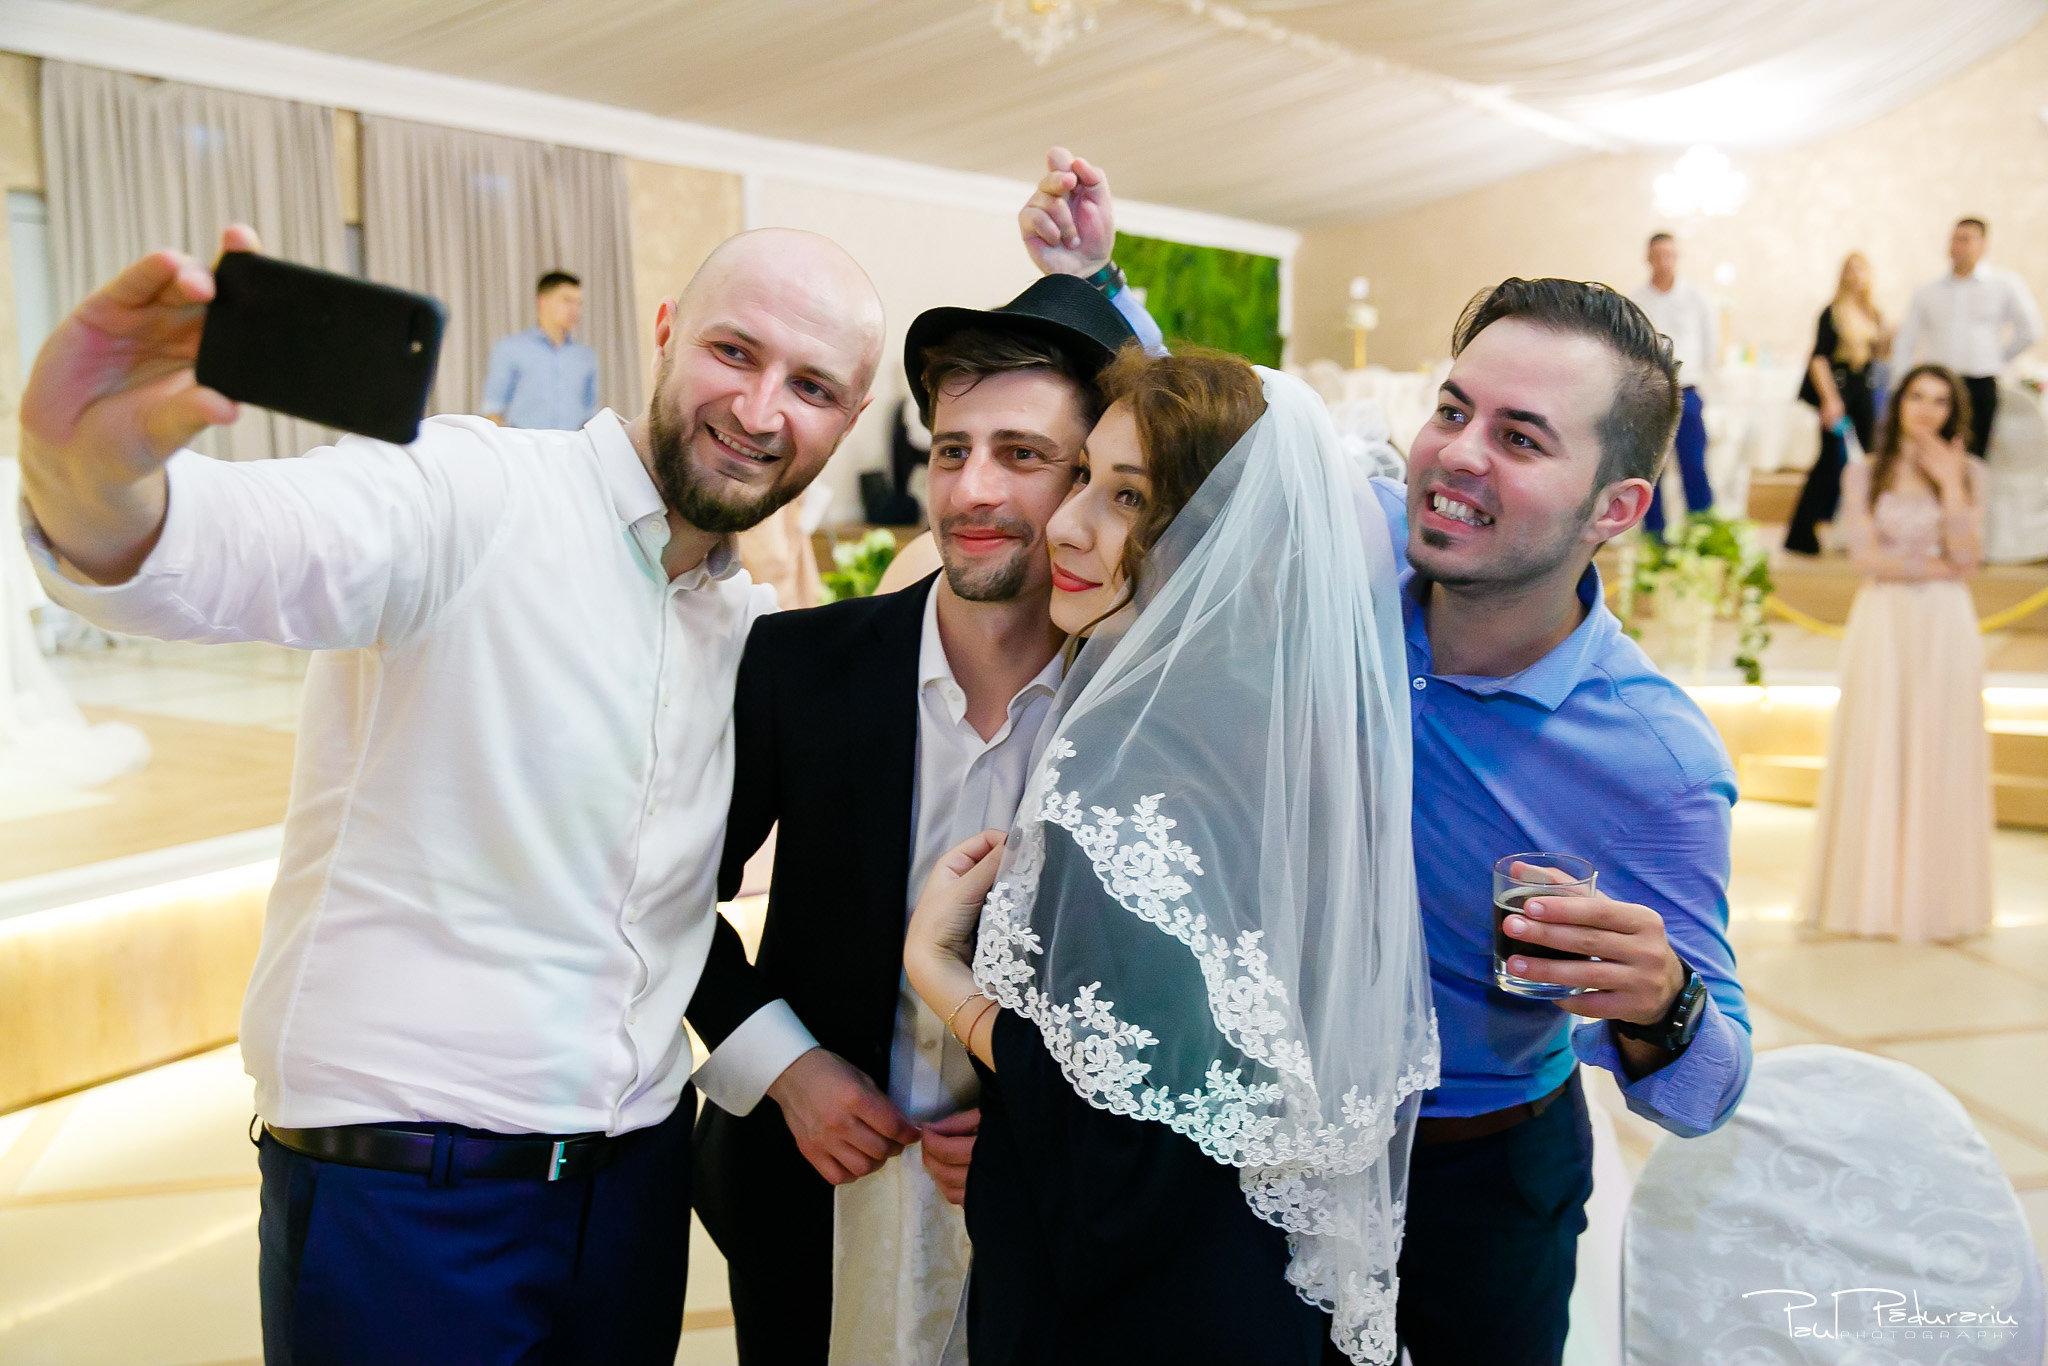 Nunta la Castel Iasi Ana-Maria si Marius fotograf profesionistwww.paulpadurariu.ro © 2018 Paul Padurariu 1